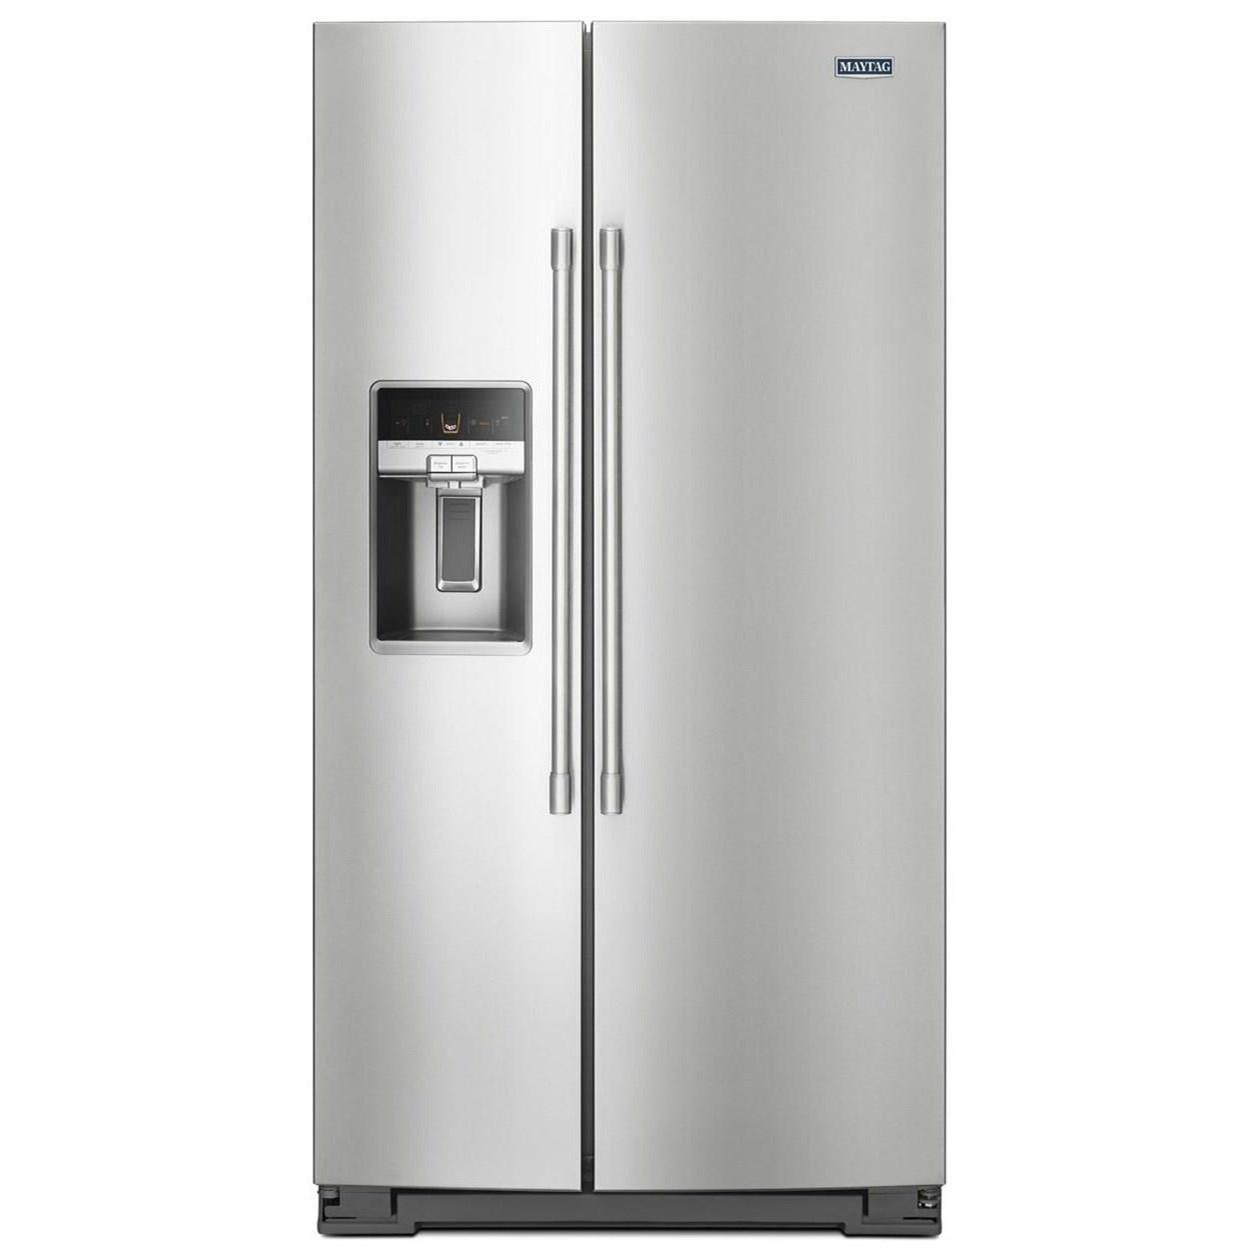 Maytag Side-By-Side Refrigerators- Maytag 36- Inch Wide Side-by-Side Refrigerator with - Item Number: MSS26C6MFZ